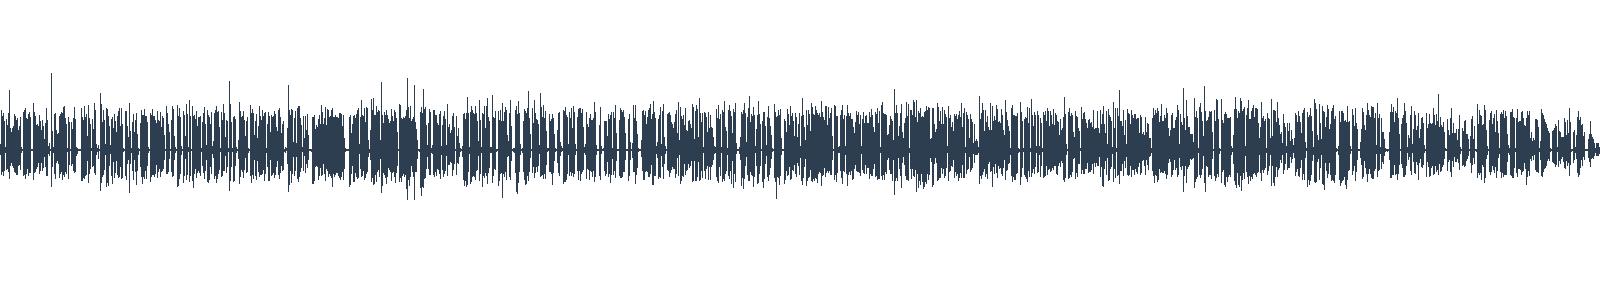 JEŽIŠ - MAJÁK waveform